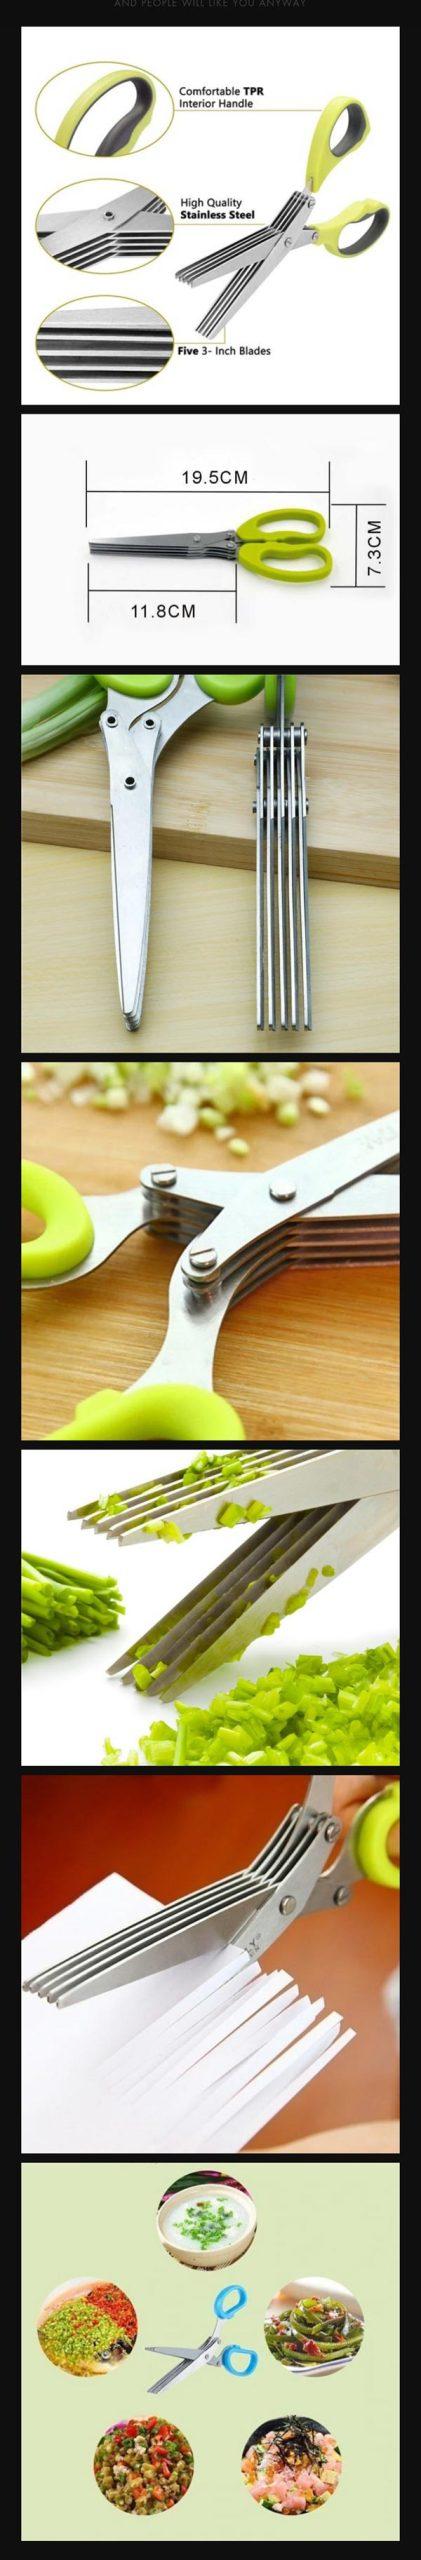 Best Herb Scissor